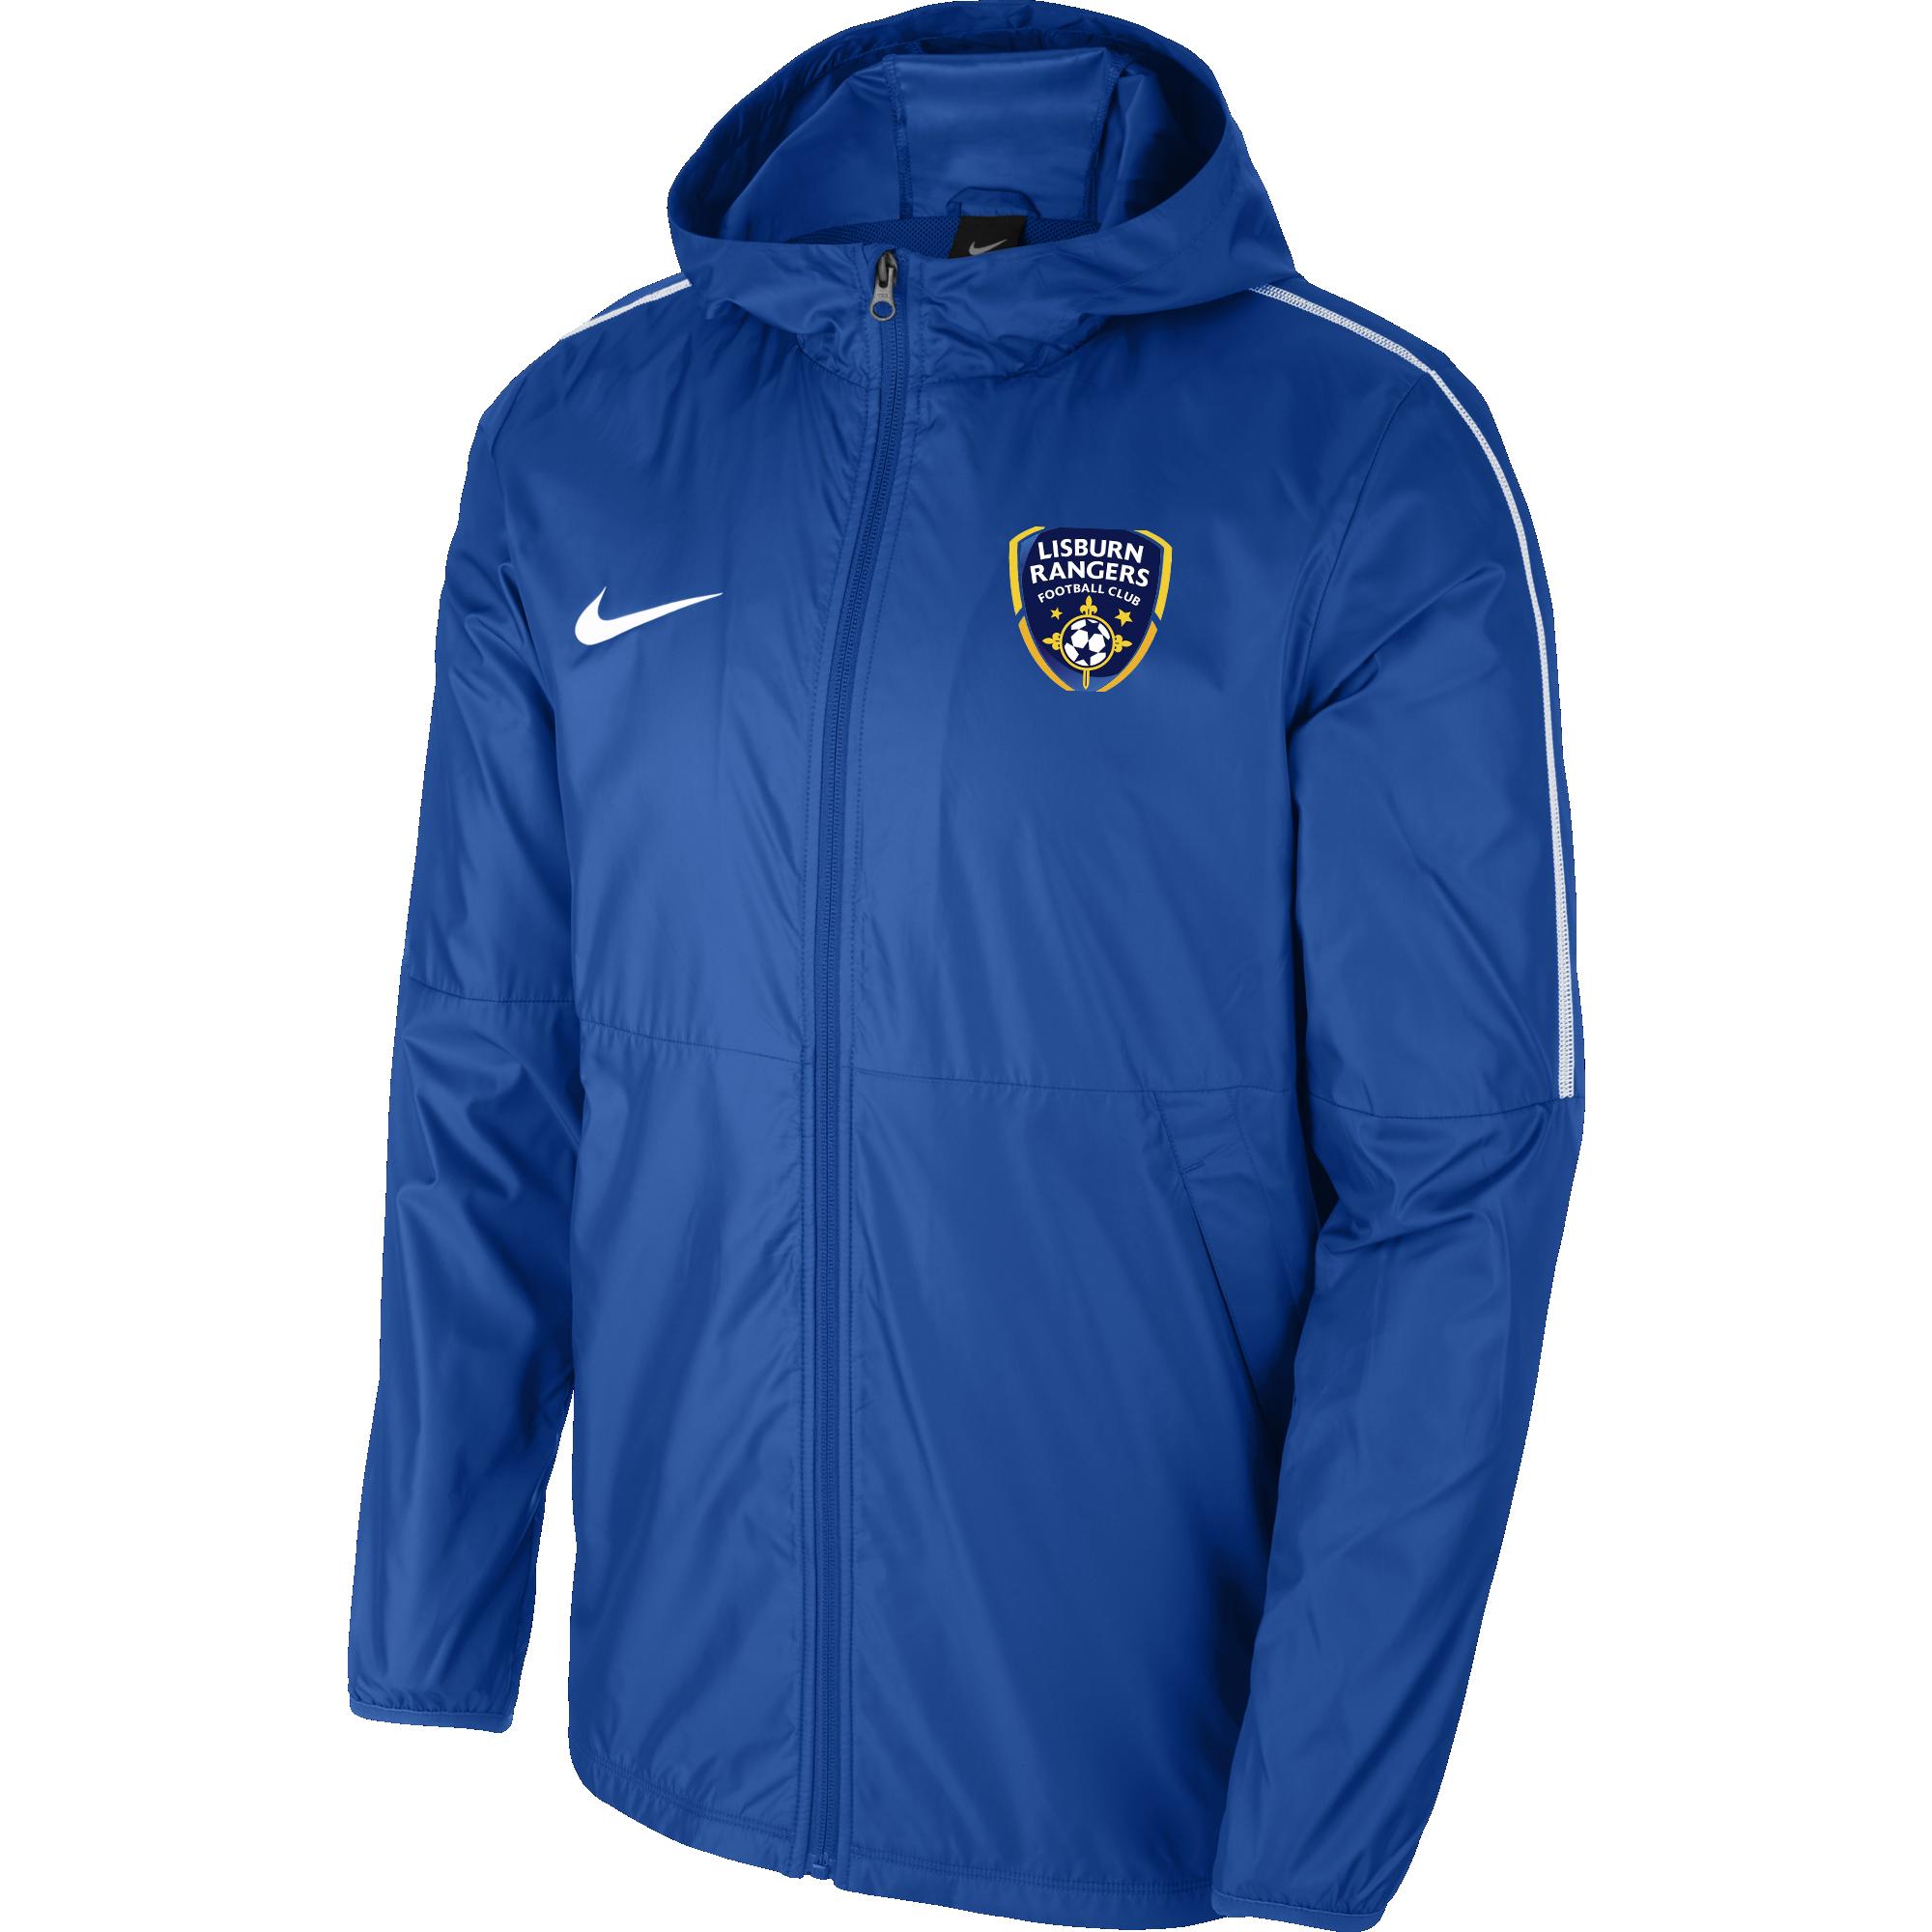 lisburn rangers park rain jacket 36995 p